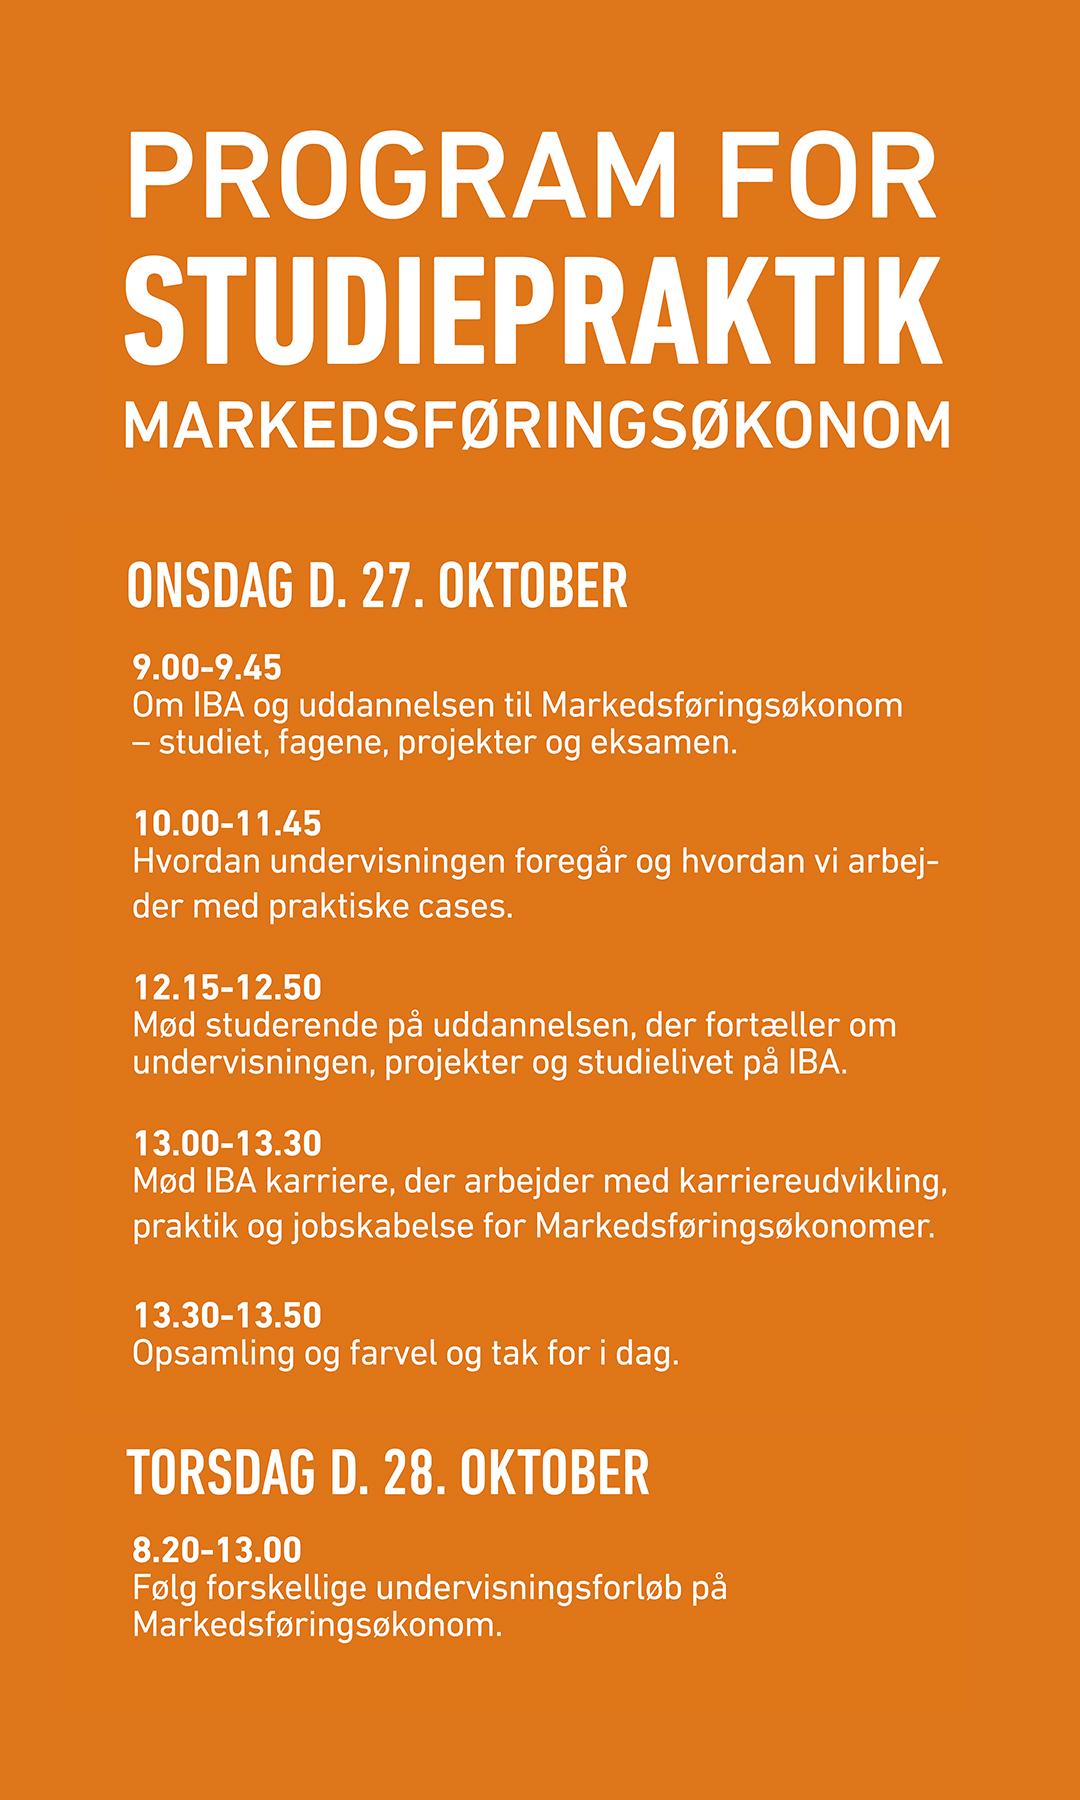 Program for studiepraktik for uddannelsen Markedsføringsøkonom.